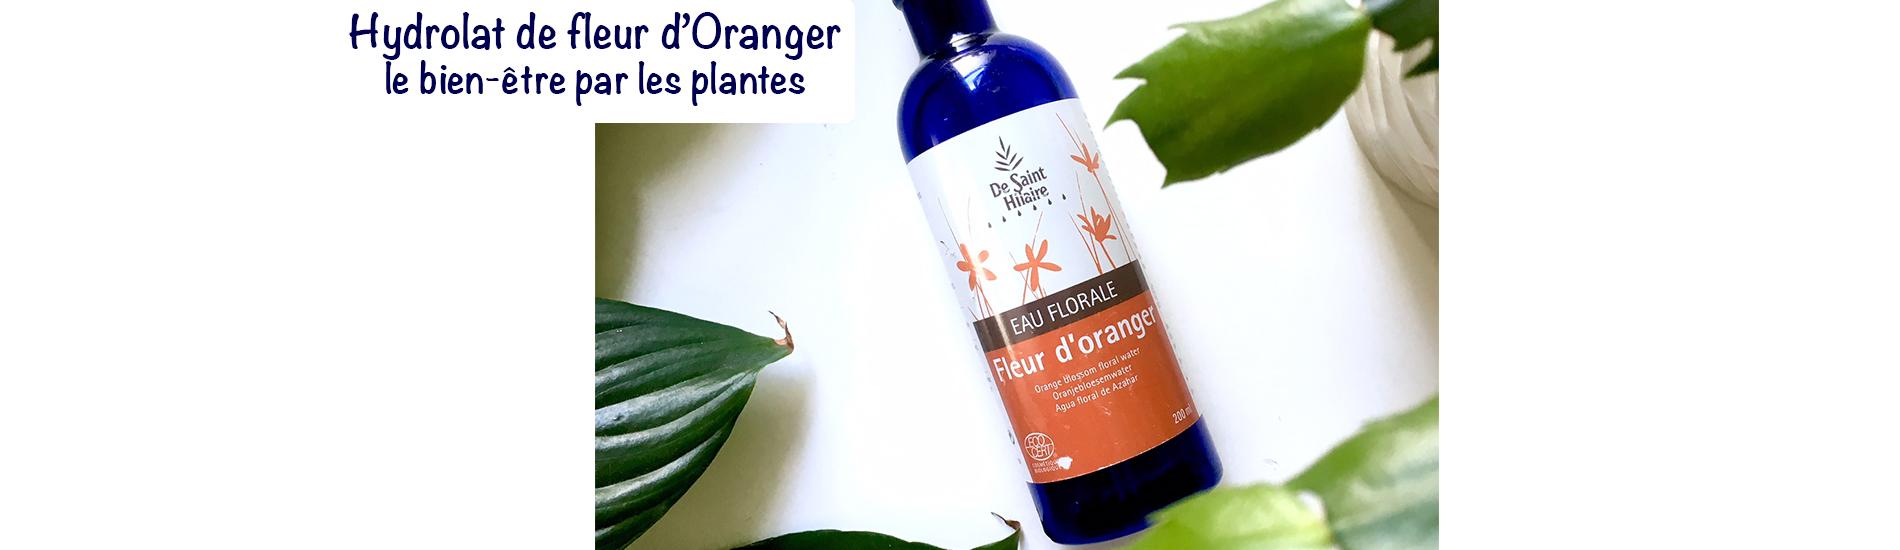 Bandeau hydrolat fleur d'oranger